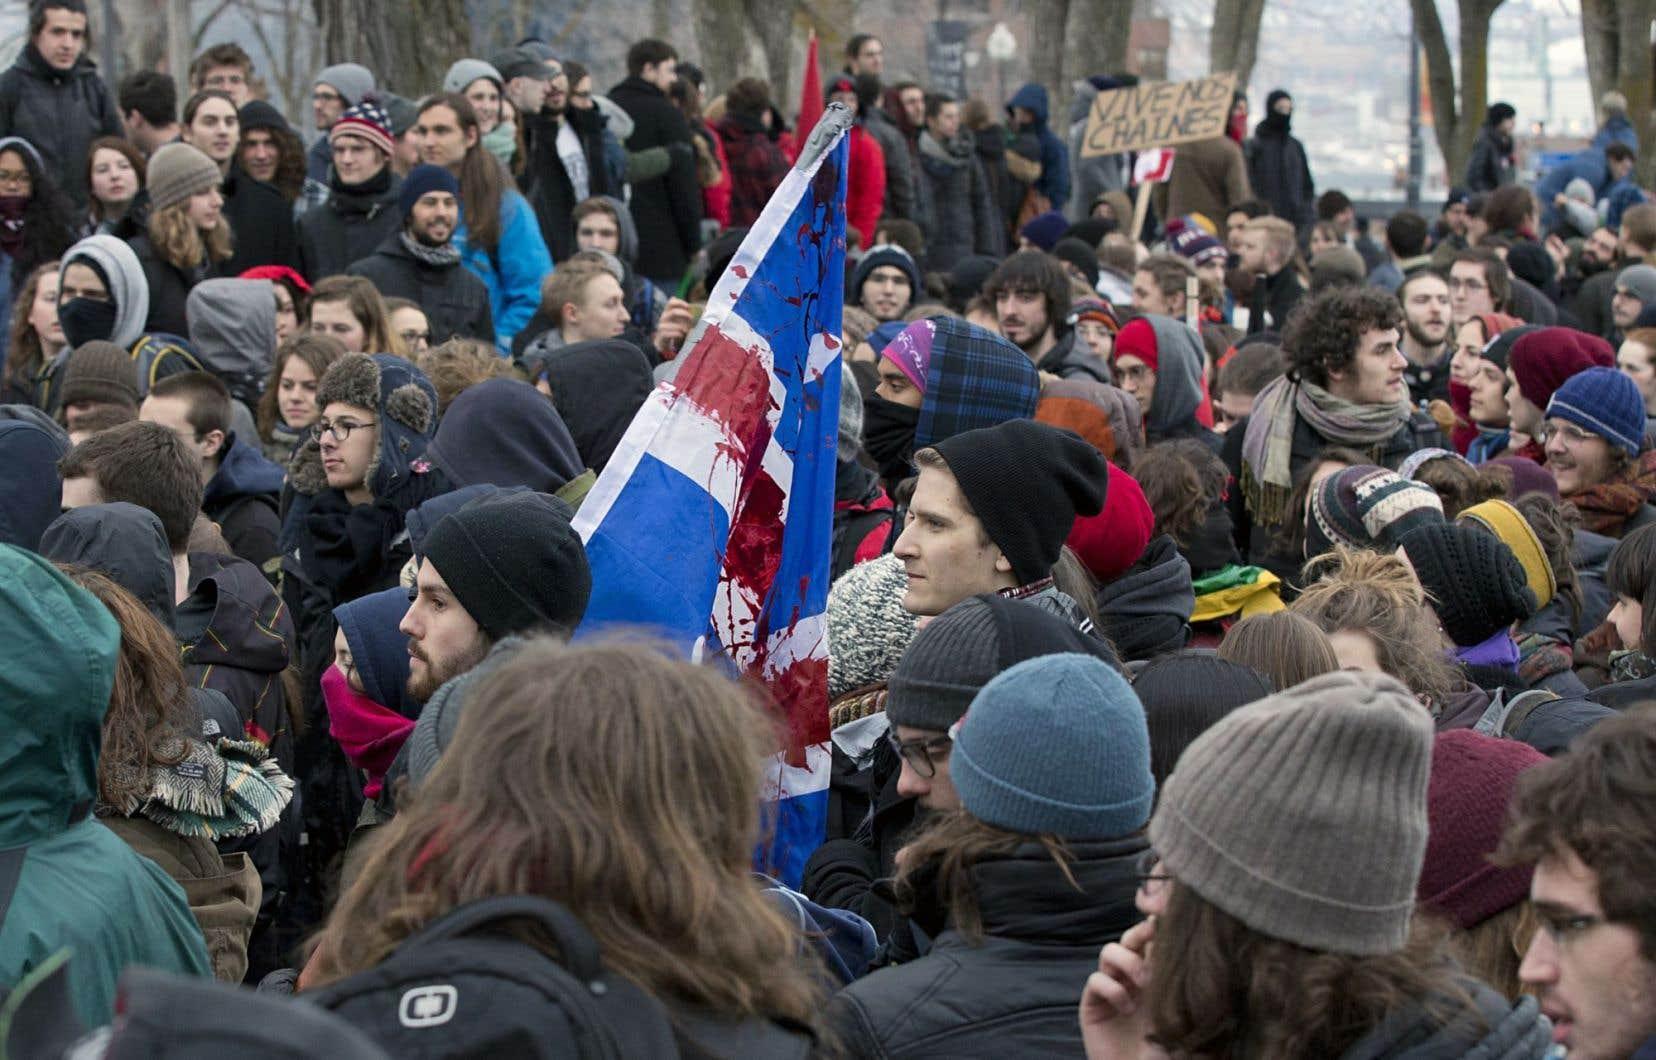 Des étudiants se sont rassemblés jeudi à Québec pour manifester devant le parlement.